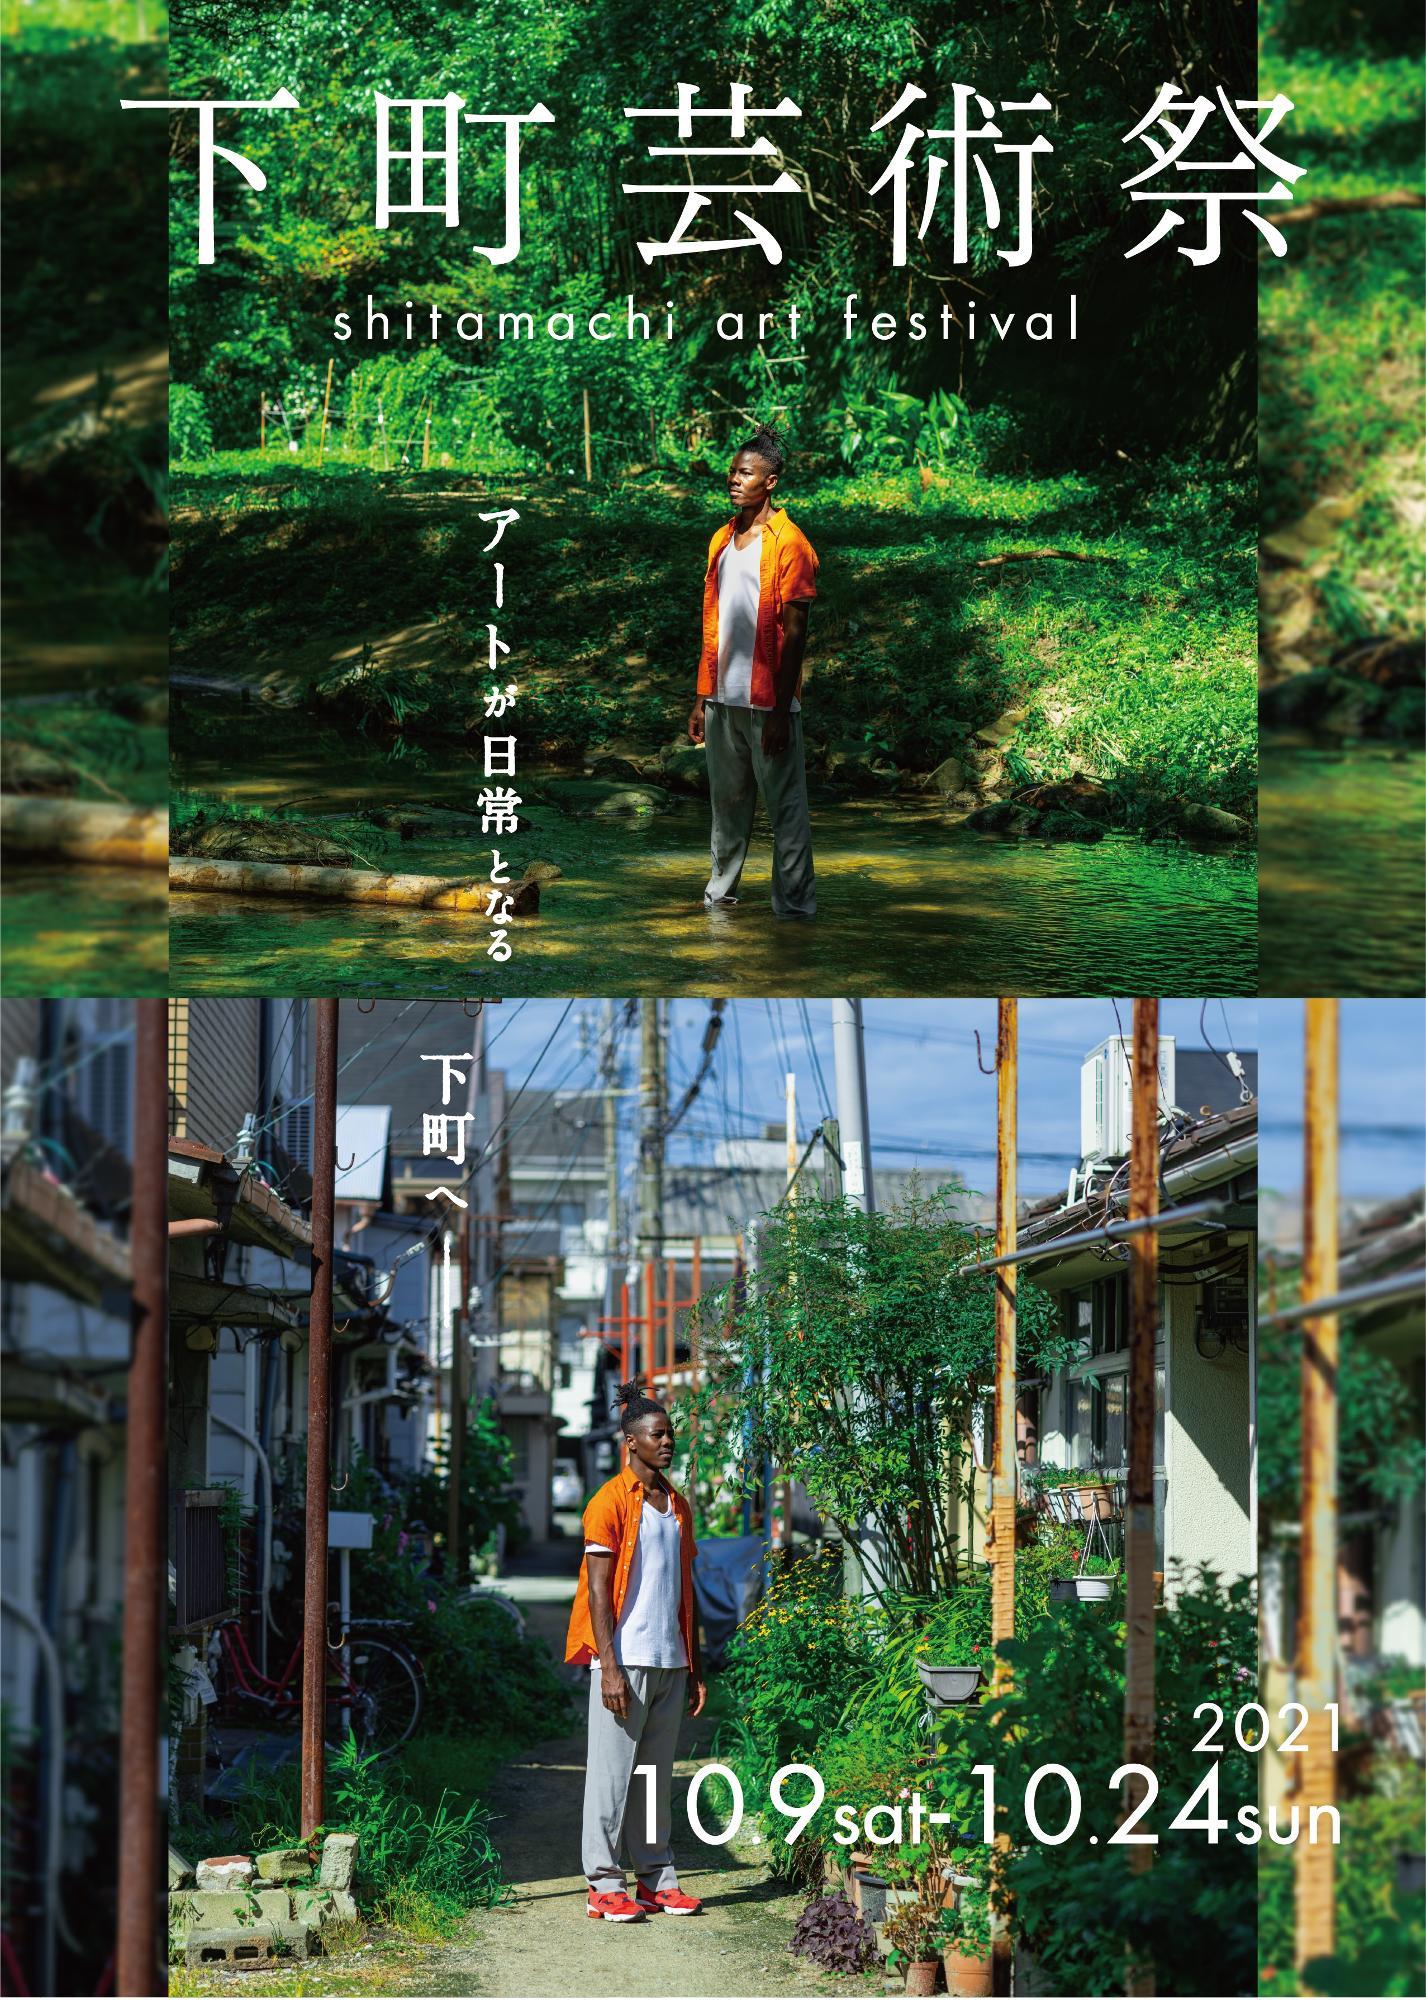 芸術祭のメインビジュアル 写真:岩本順平、デザイン:山口葉亜奈